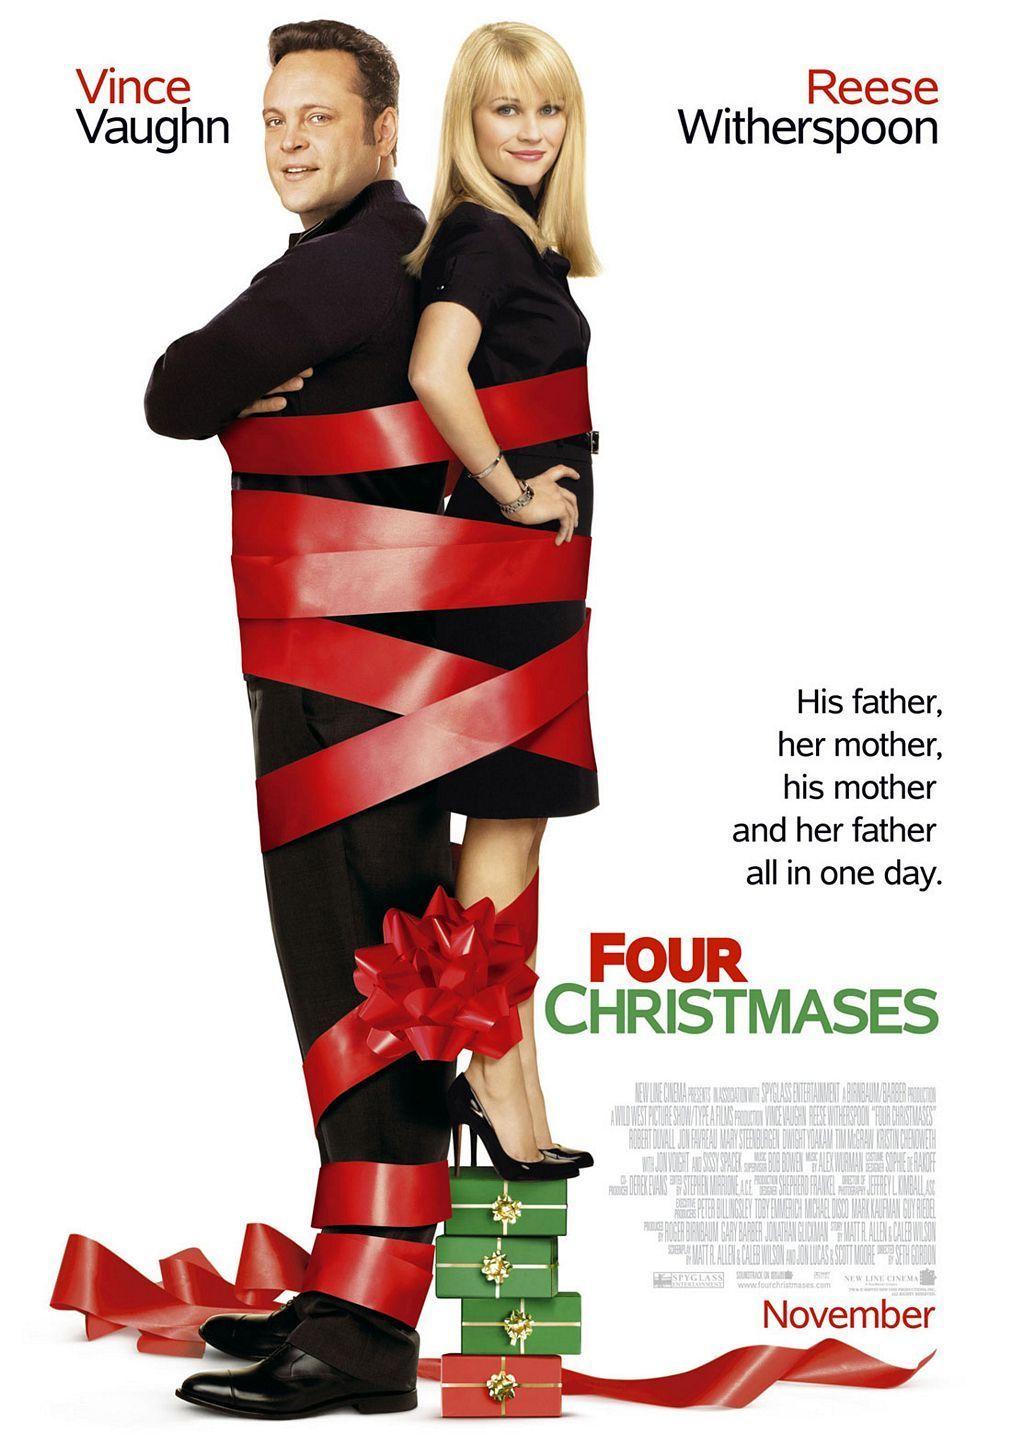 4번의 크리스마스